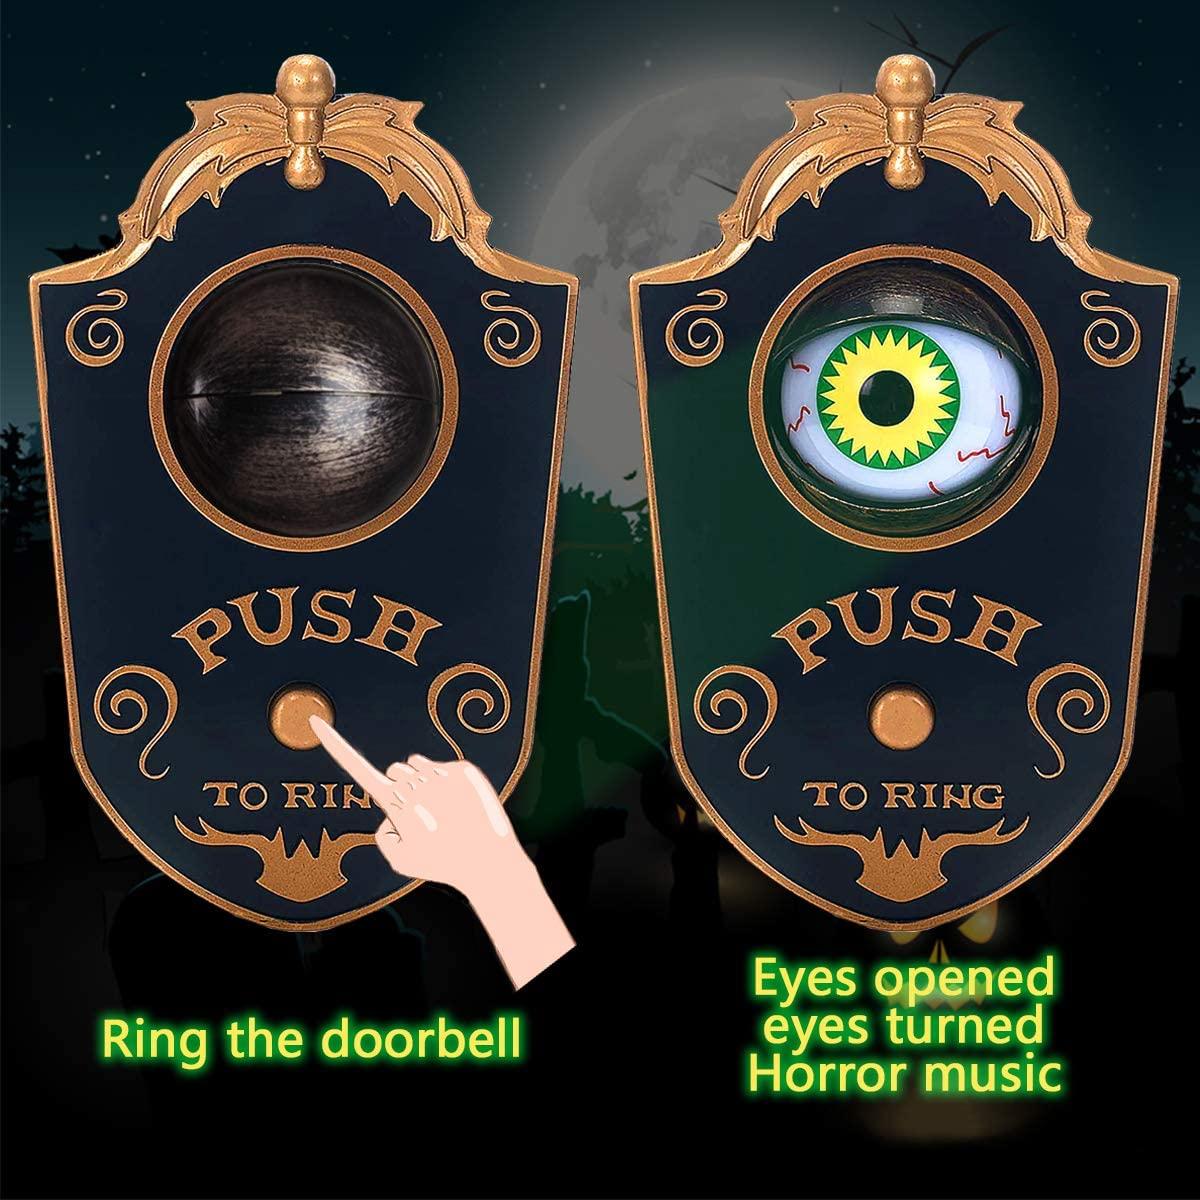 Украшение на Хэллоуин, дверной звонок на Хэллоуин, дверной звонок с привидениями, декор с анимированным глазным яблоком на Хэллоуин с жутки...